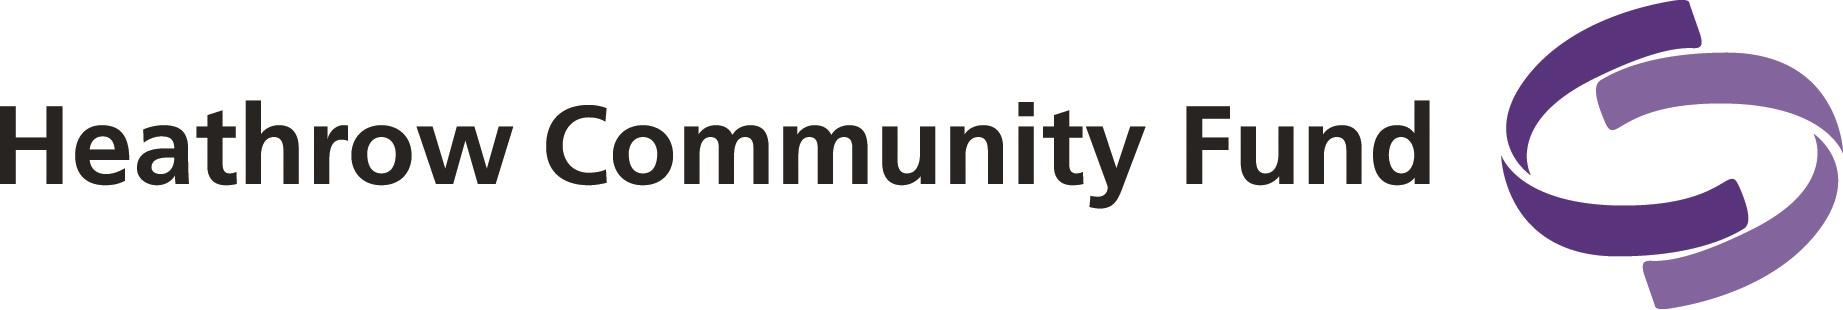 Heathrow Community Fund